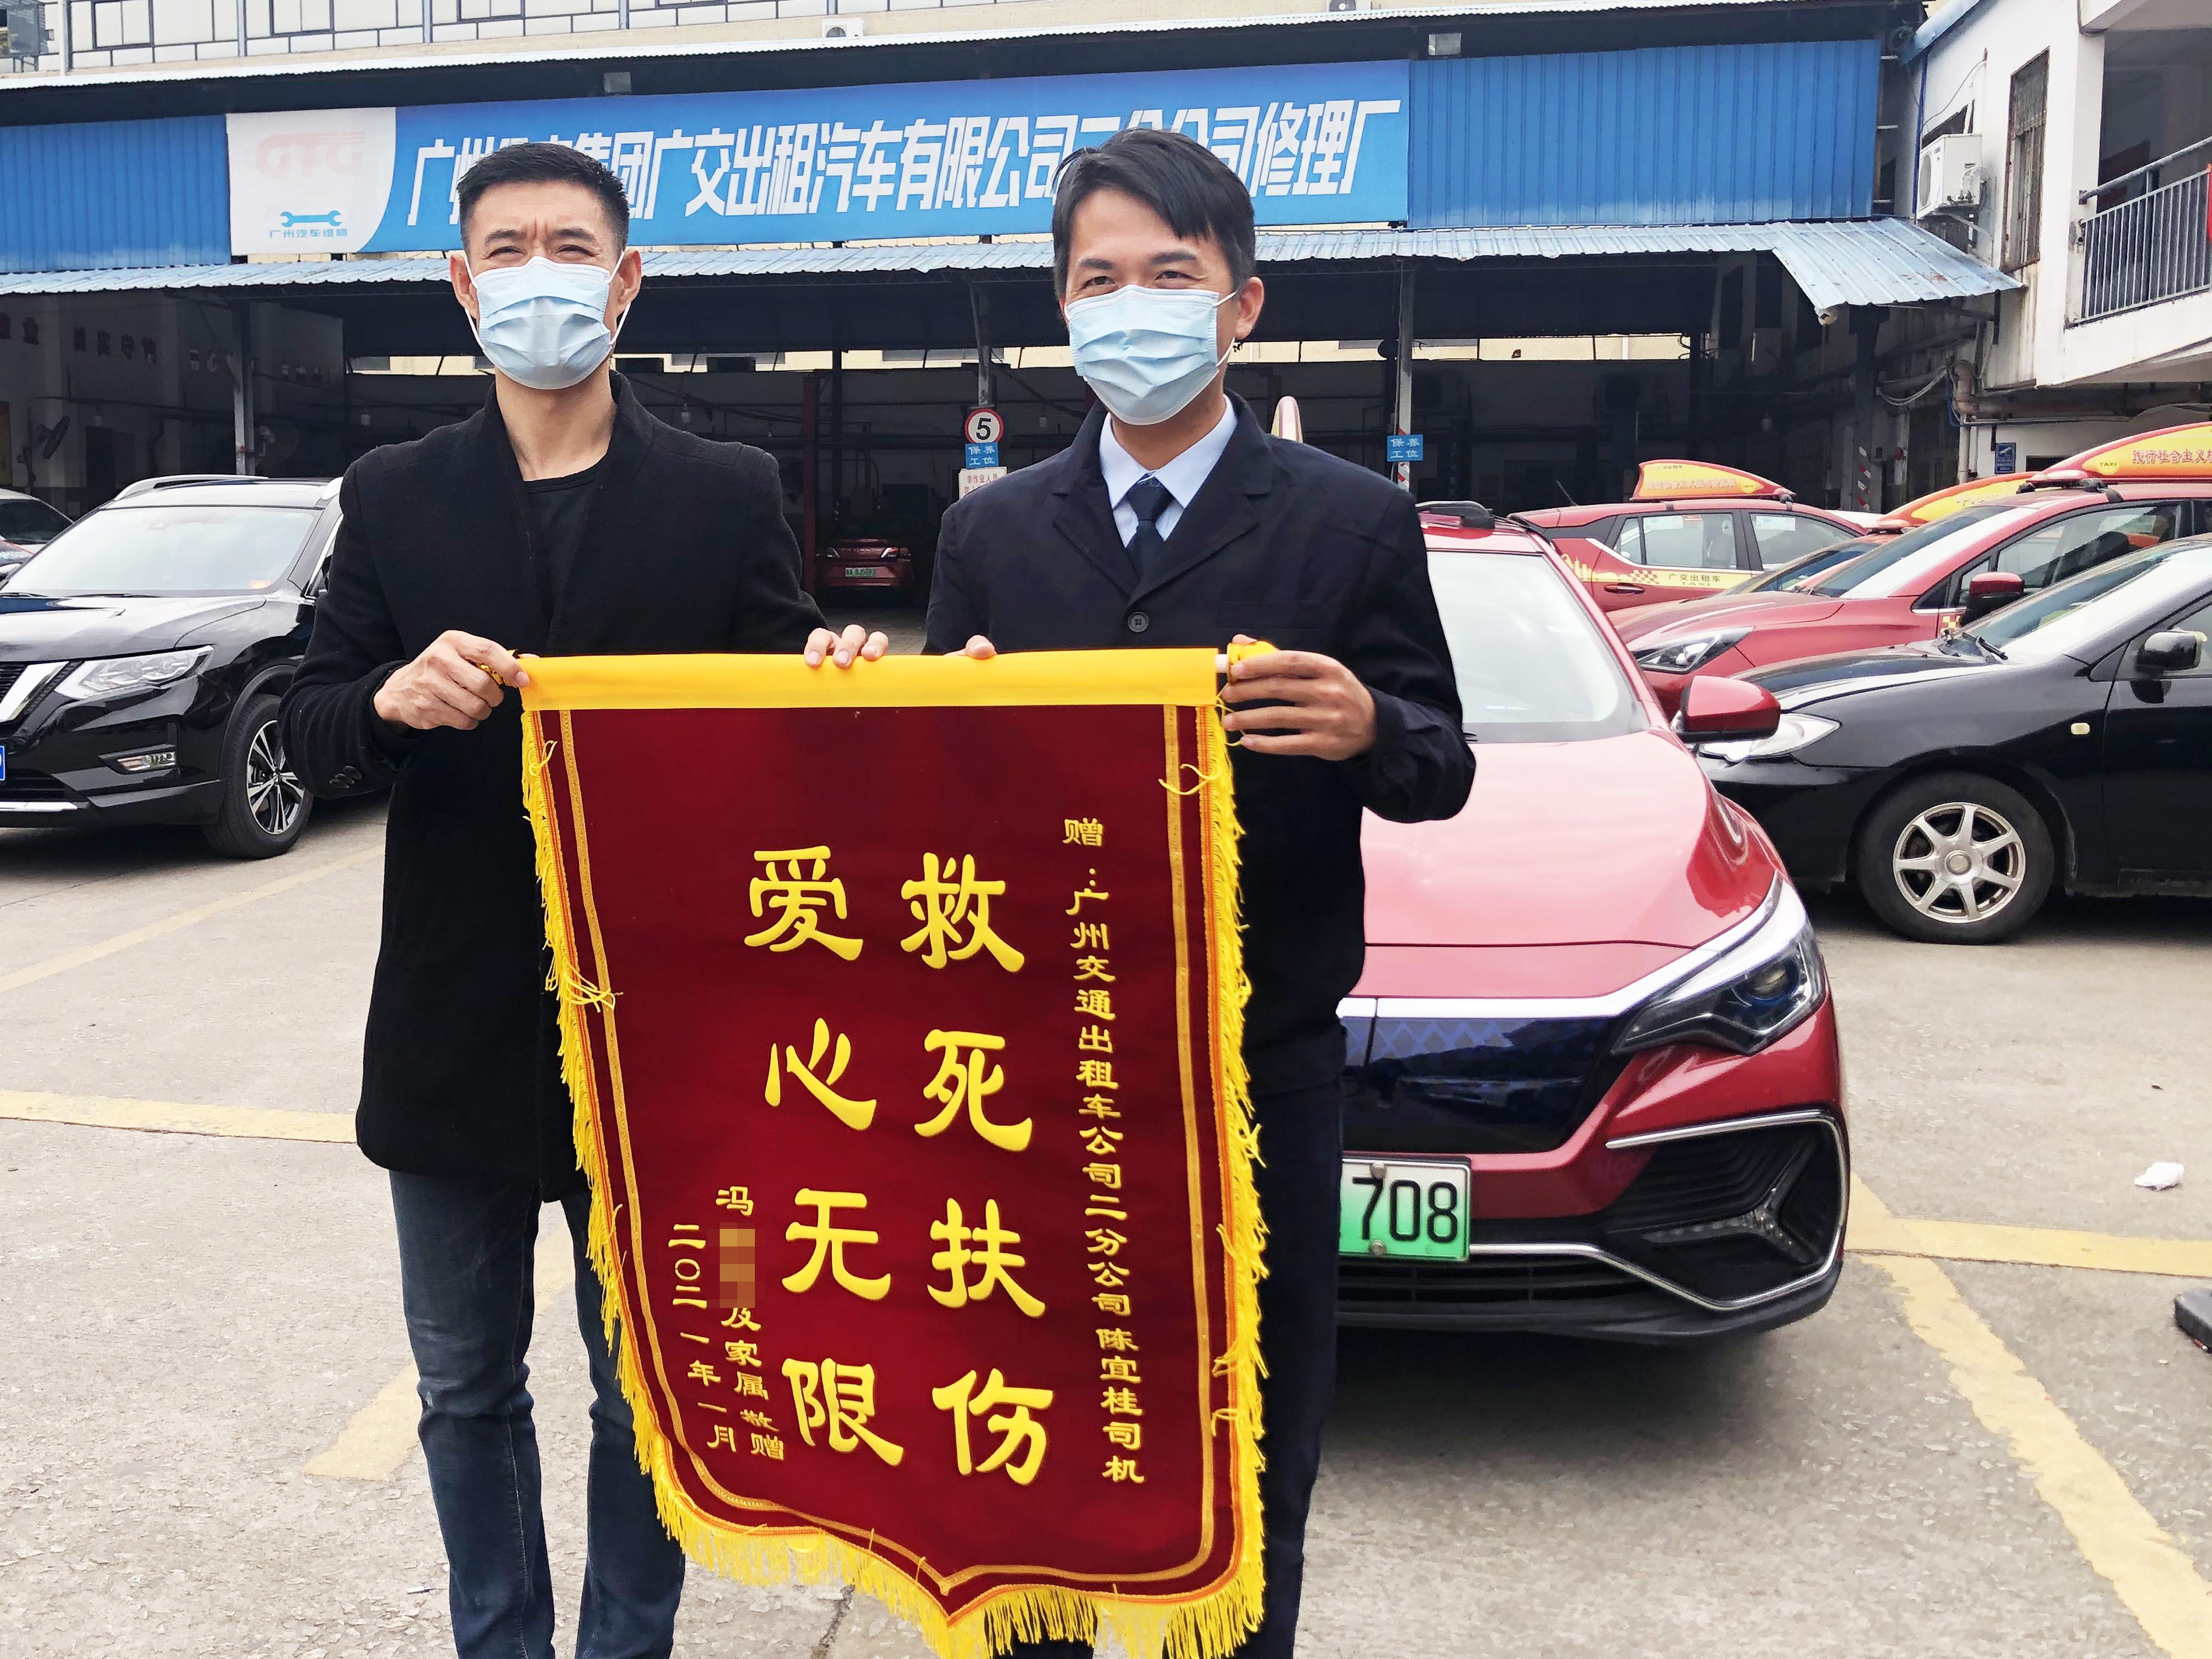 乘客冯先生向的哥陈宜桂(右)赠送锦旗致谢。广州公交集团白云(广交)公司工作人员 供图